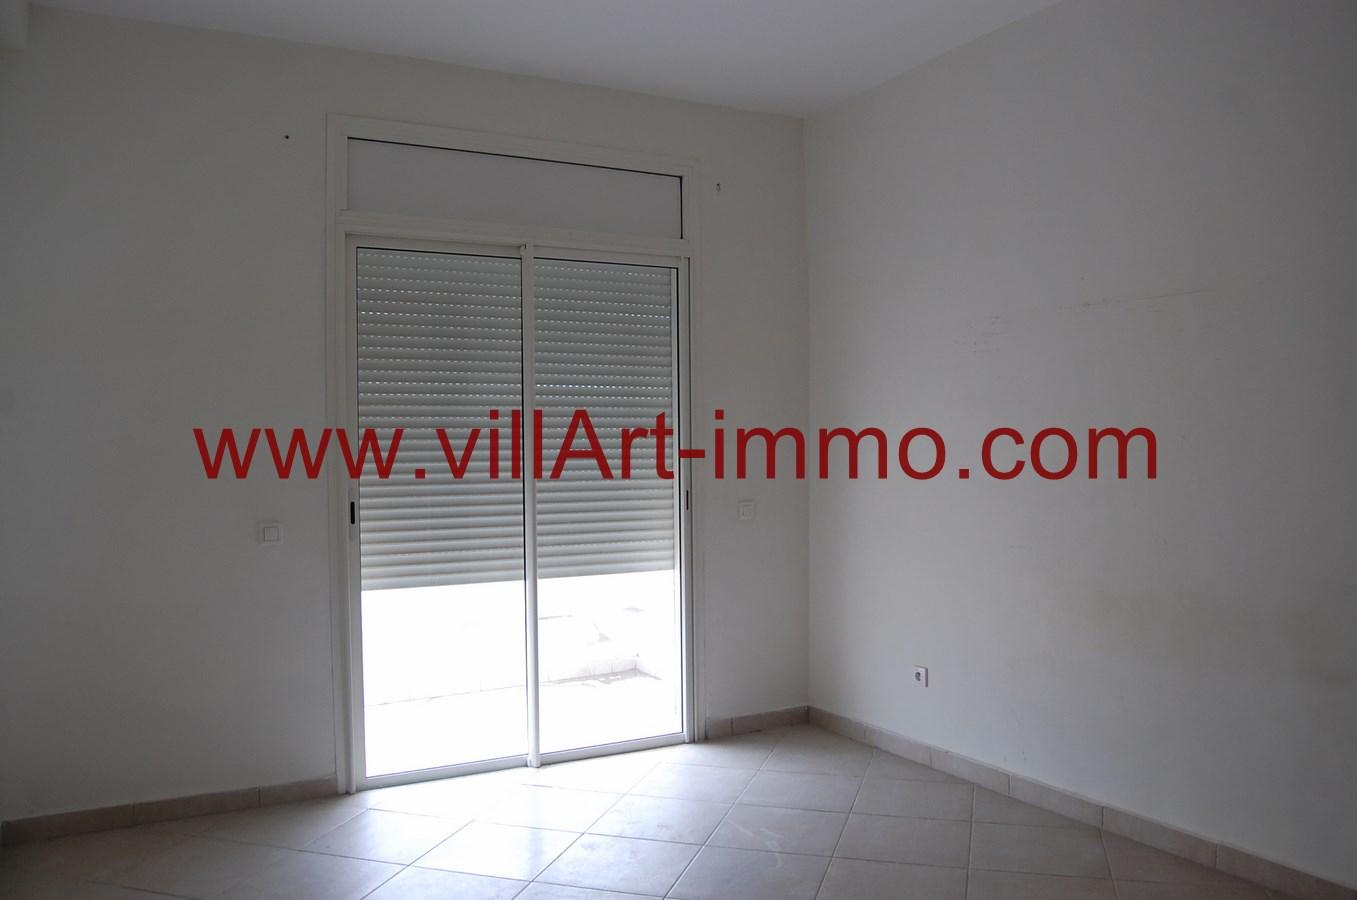 6-a-louer-appartement-non-meuble-tanger-chambre-2-l889-villart-immo